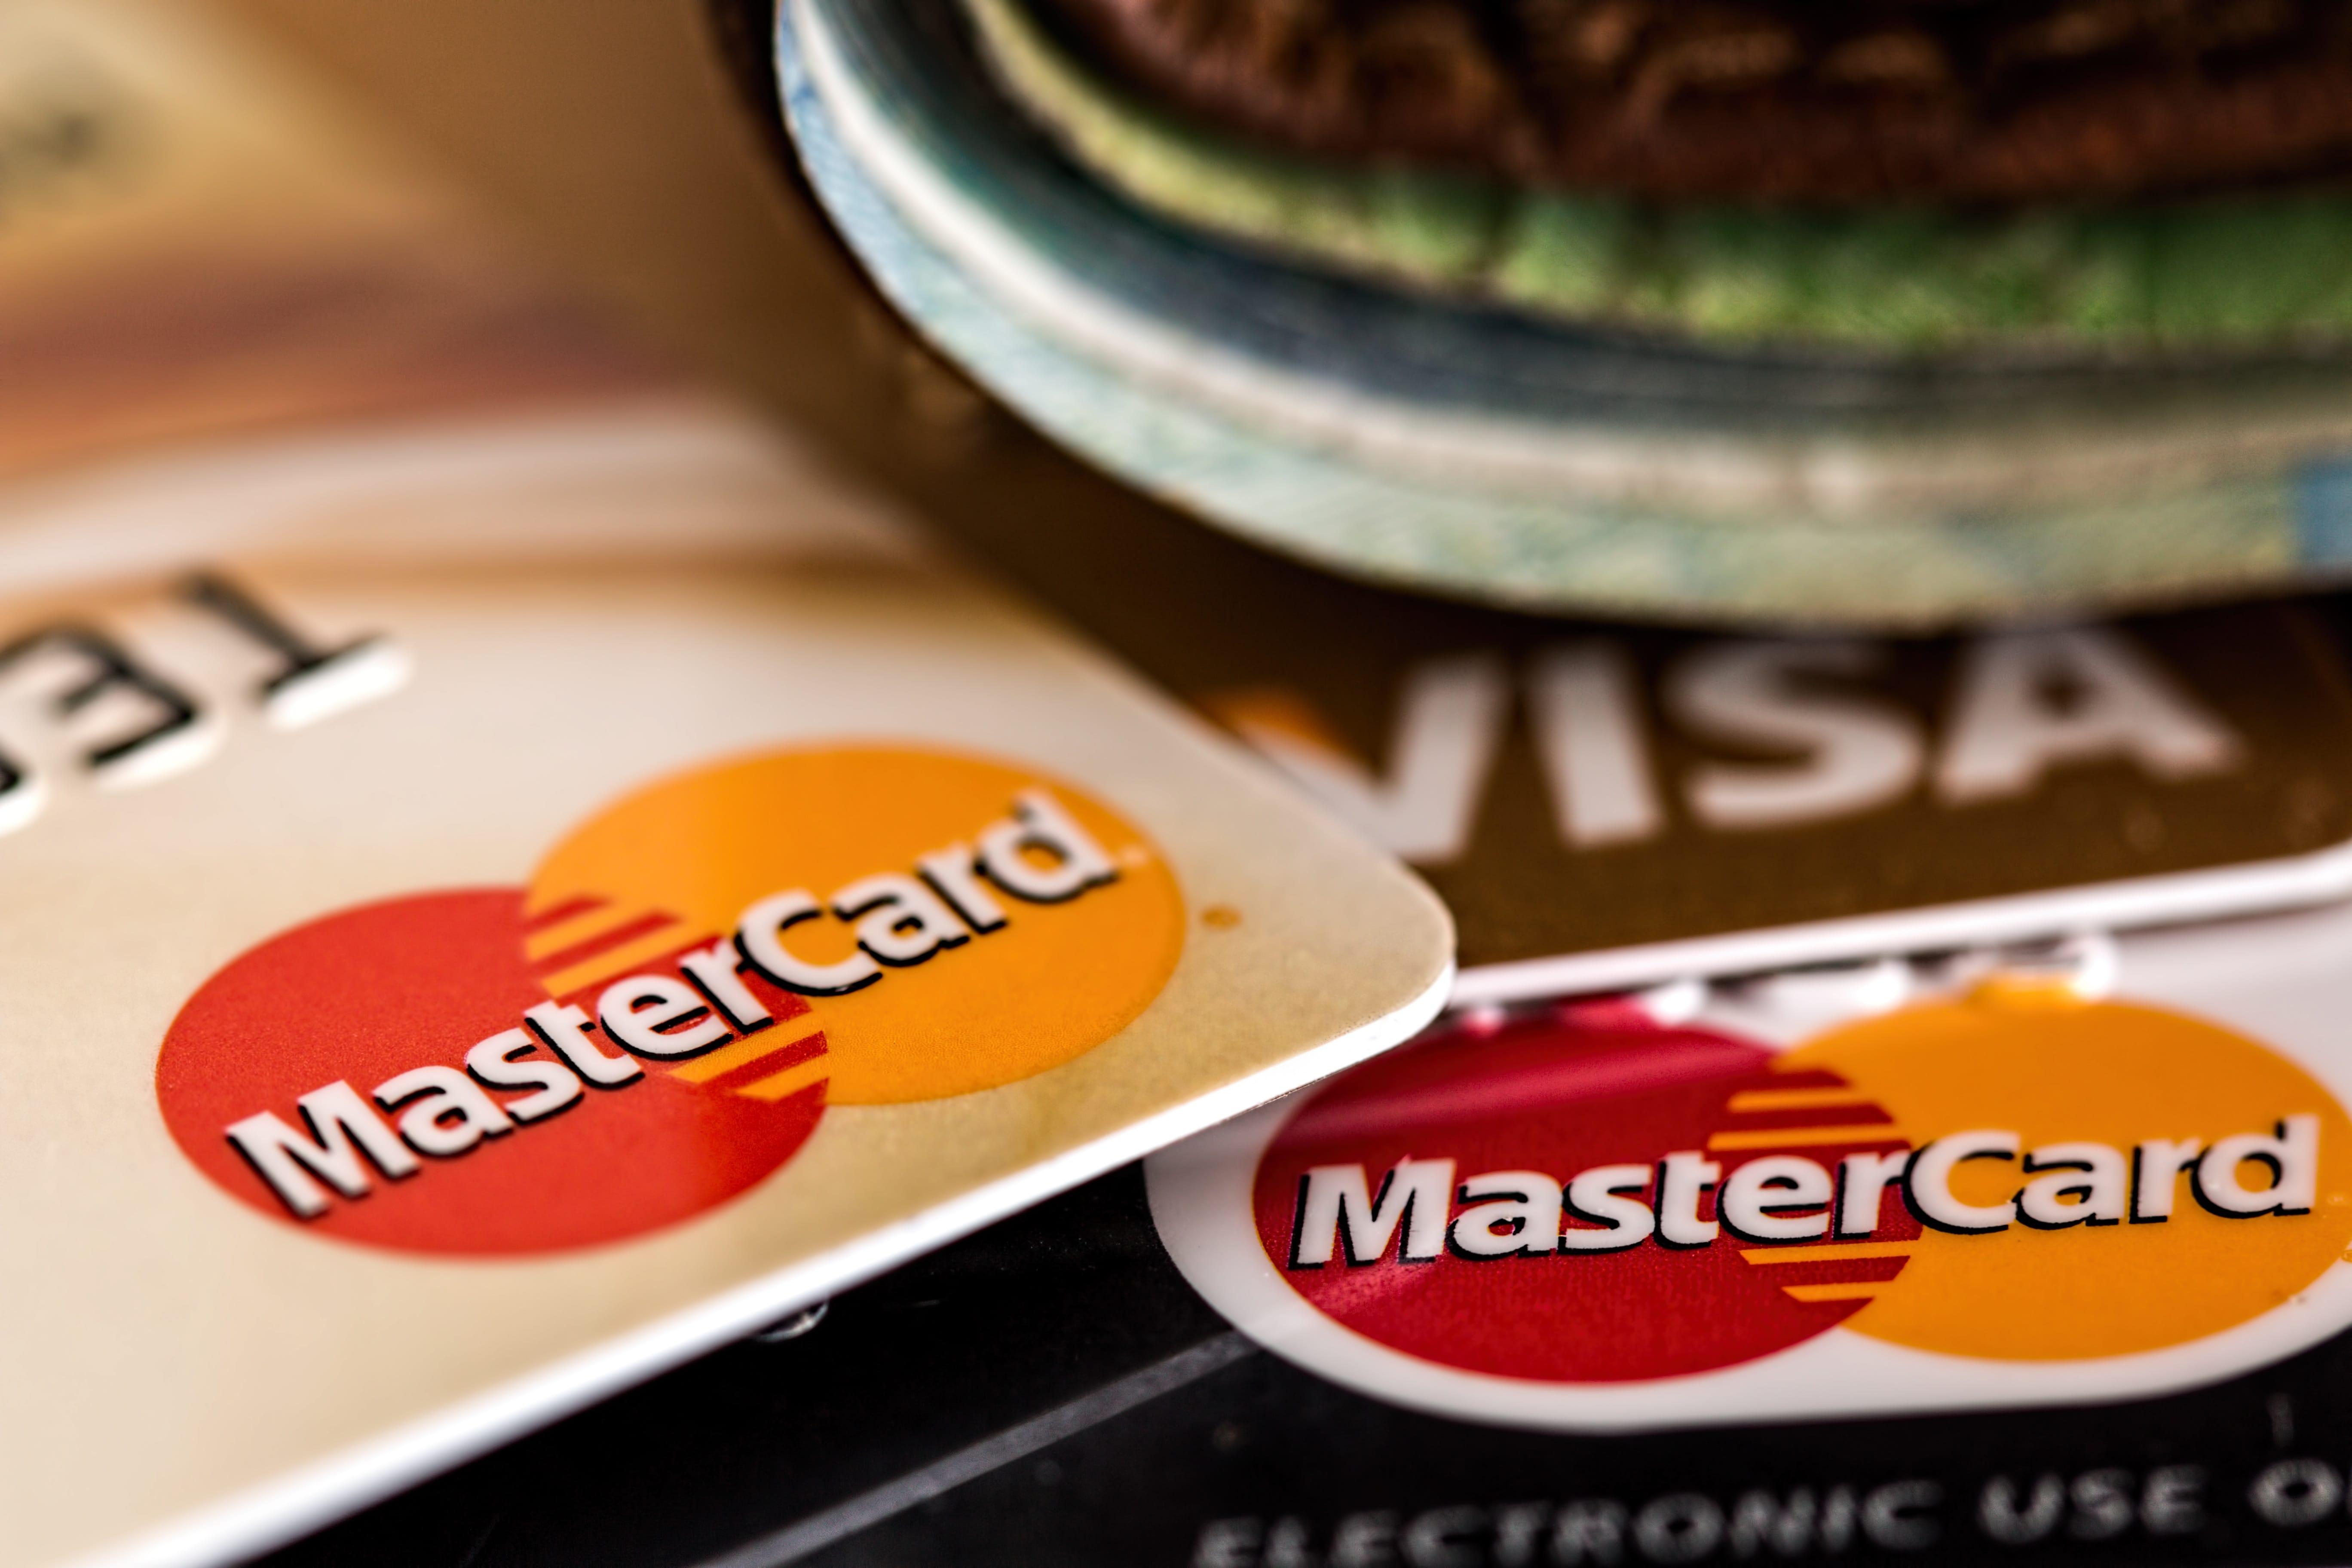 Kreditkarten Vergleich in Reiseversicherungen von Mastercard, Visa, American Express, Barclaycard, Wüstenrot, Germanwings